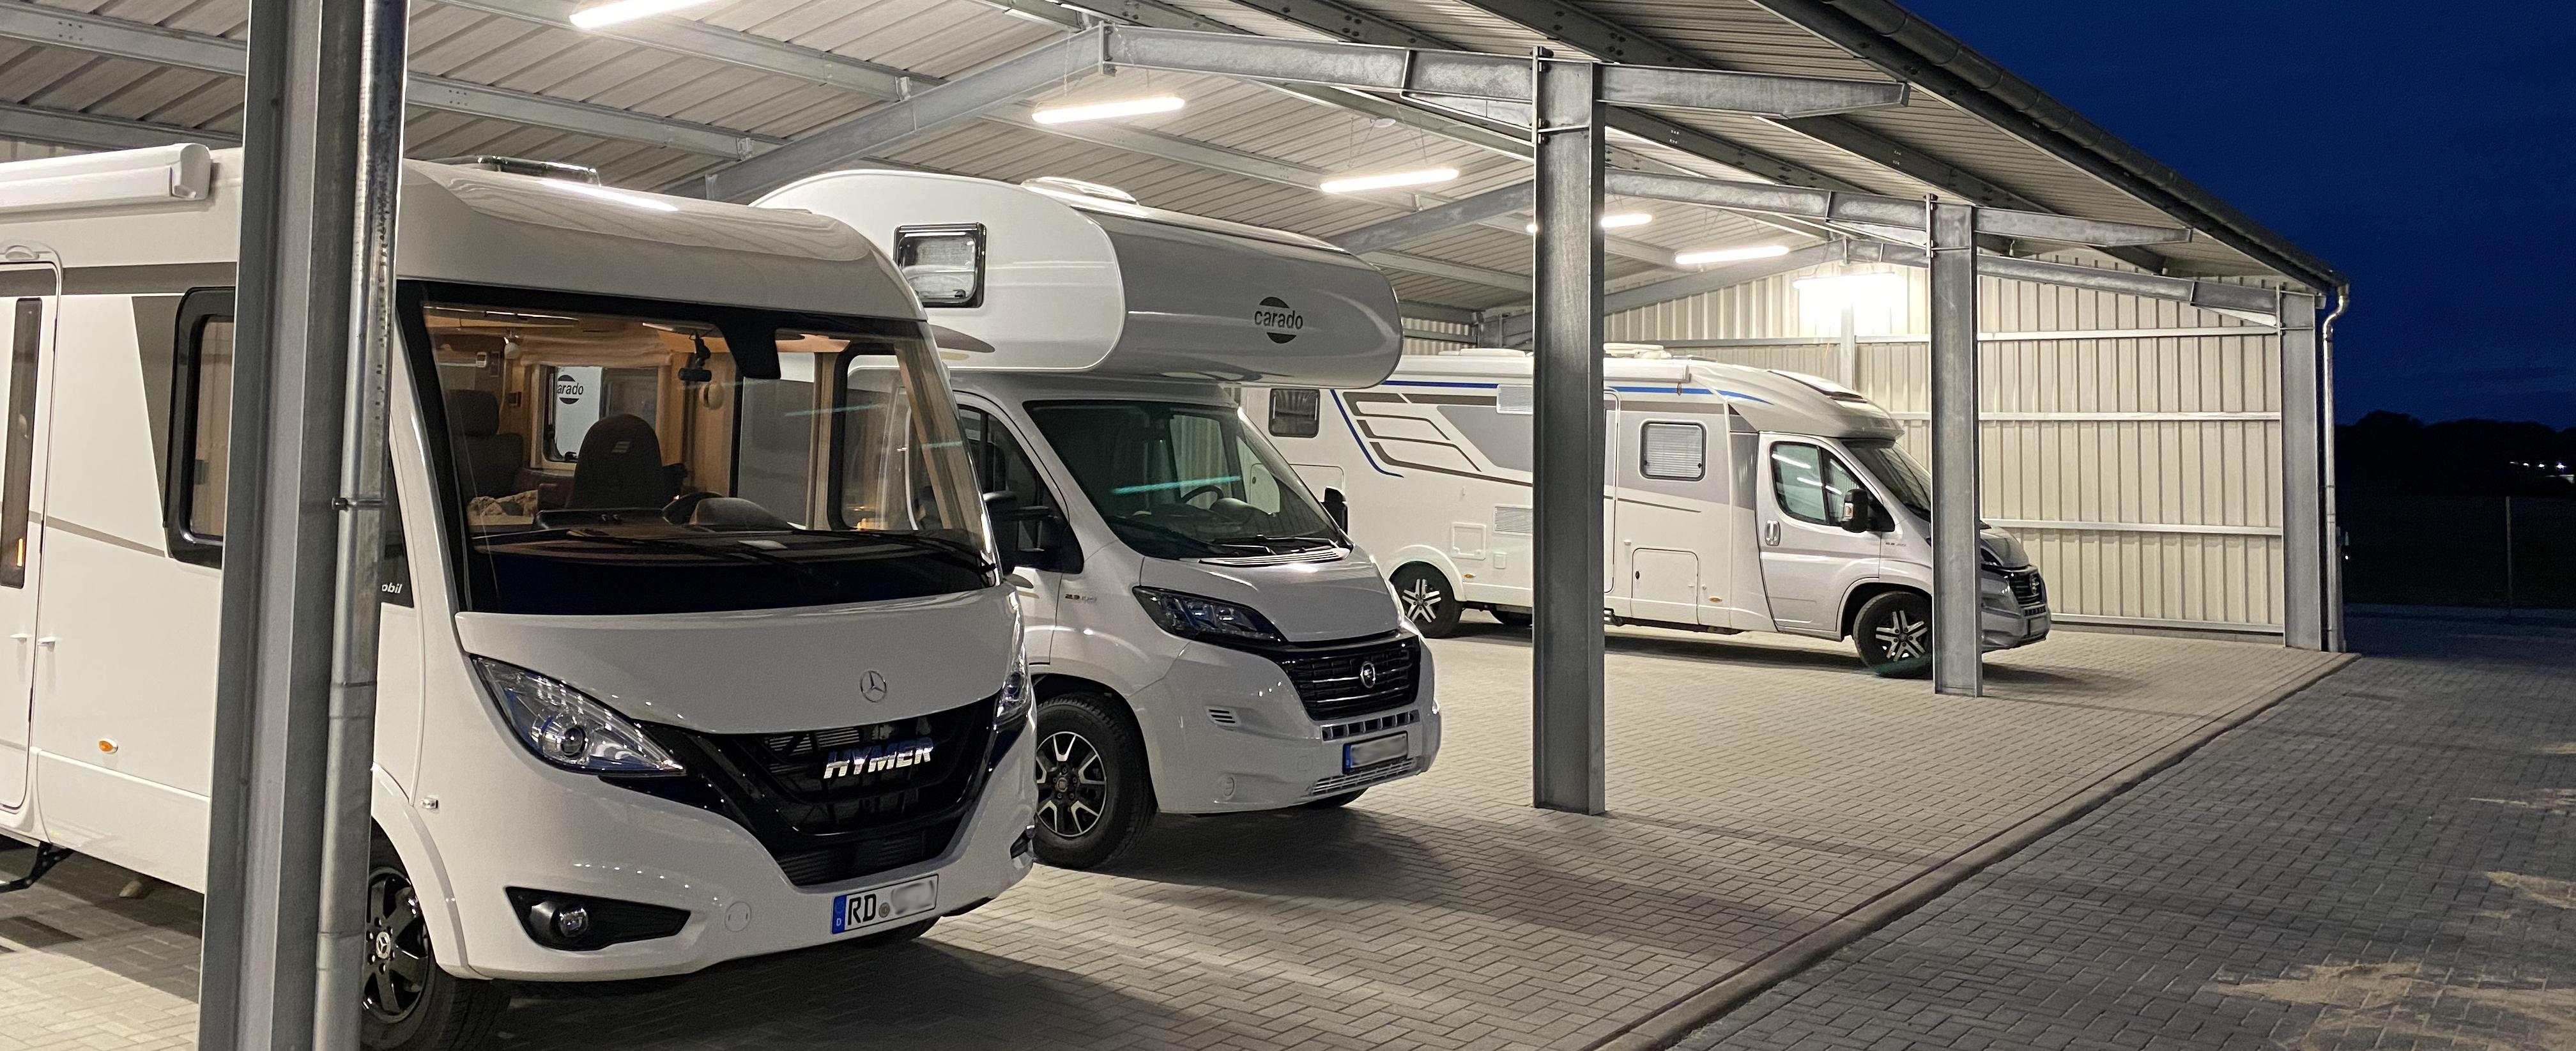 Camperport - Unterstellplatz und Garage für Ihr Wohnmobil in